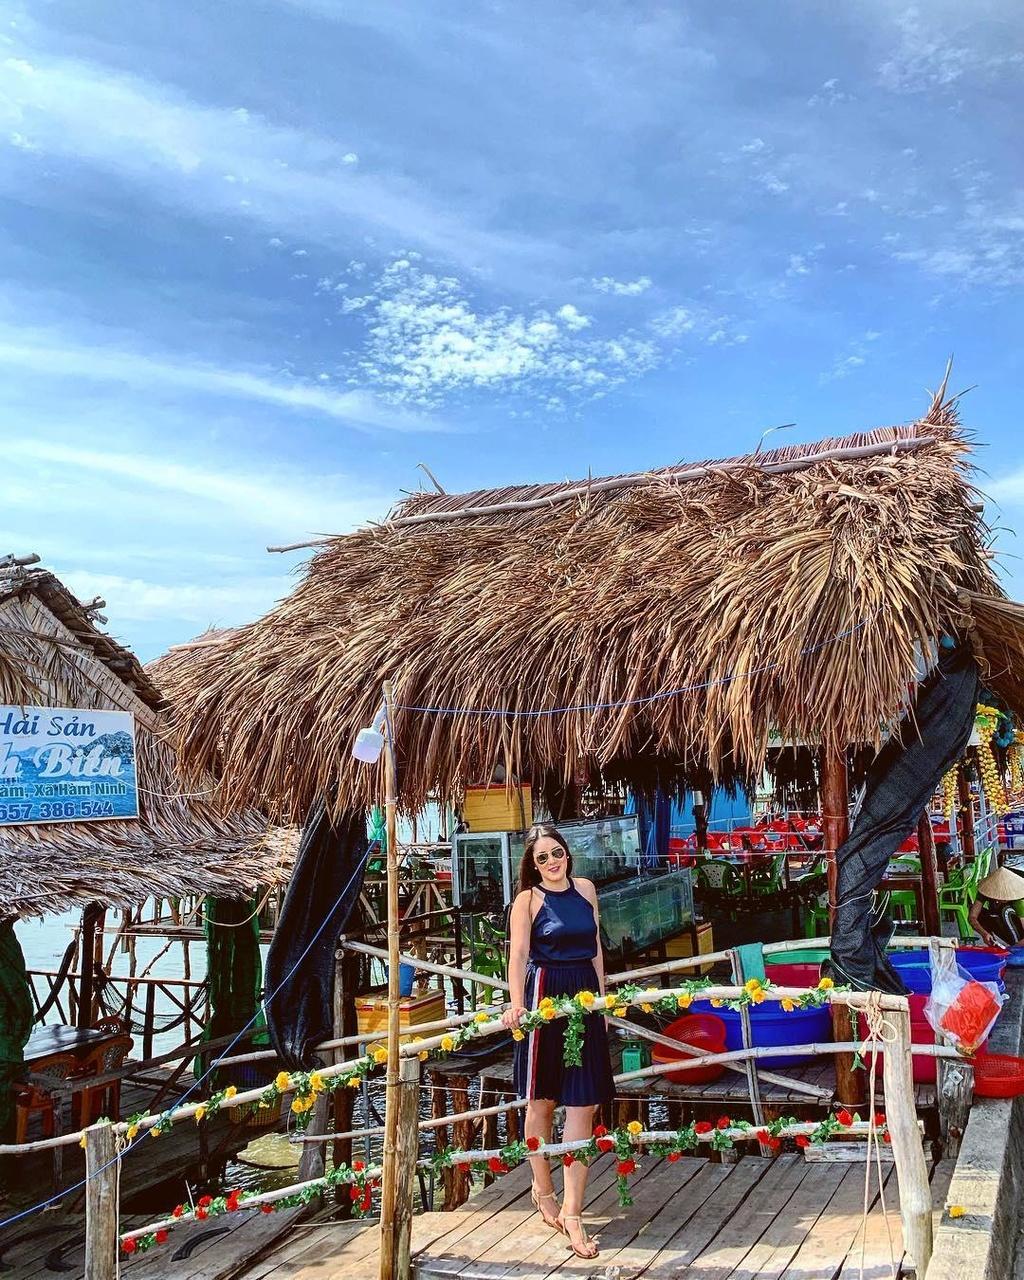 5 dia chi hai san noi tieng bao ngon, gia dep o Phu Quoc hinh anh 16 5 địa chỉ hải sản nổi tiếng bao ngon, giá đẹp ở Phú Quốc - quynhyeu_ - 5 địa chỉ hải sản nổi tiếng bao ngon, giá đẹp ở Phú Quốc